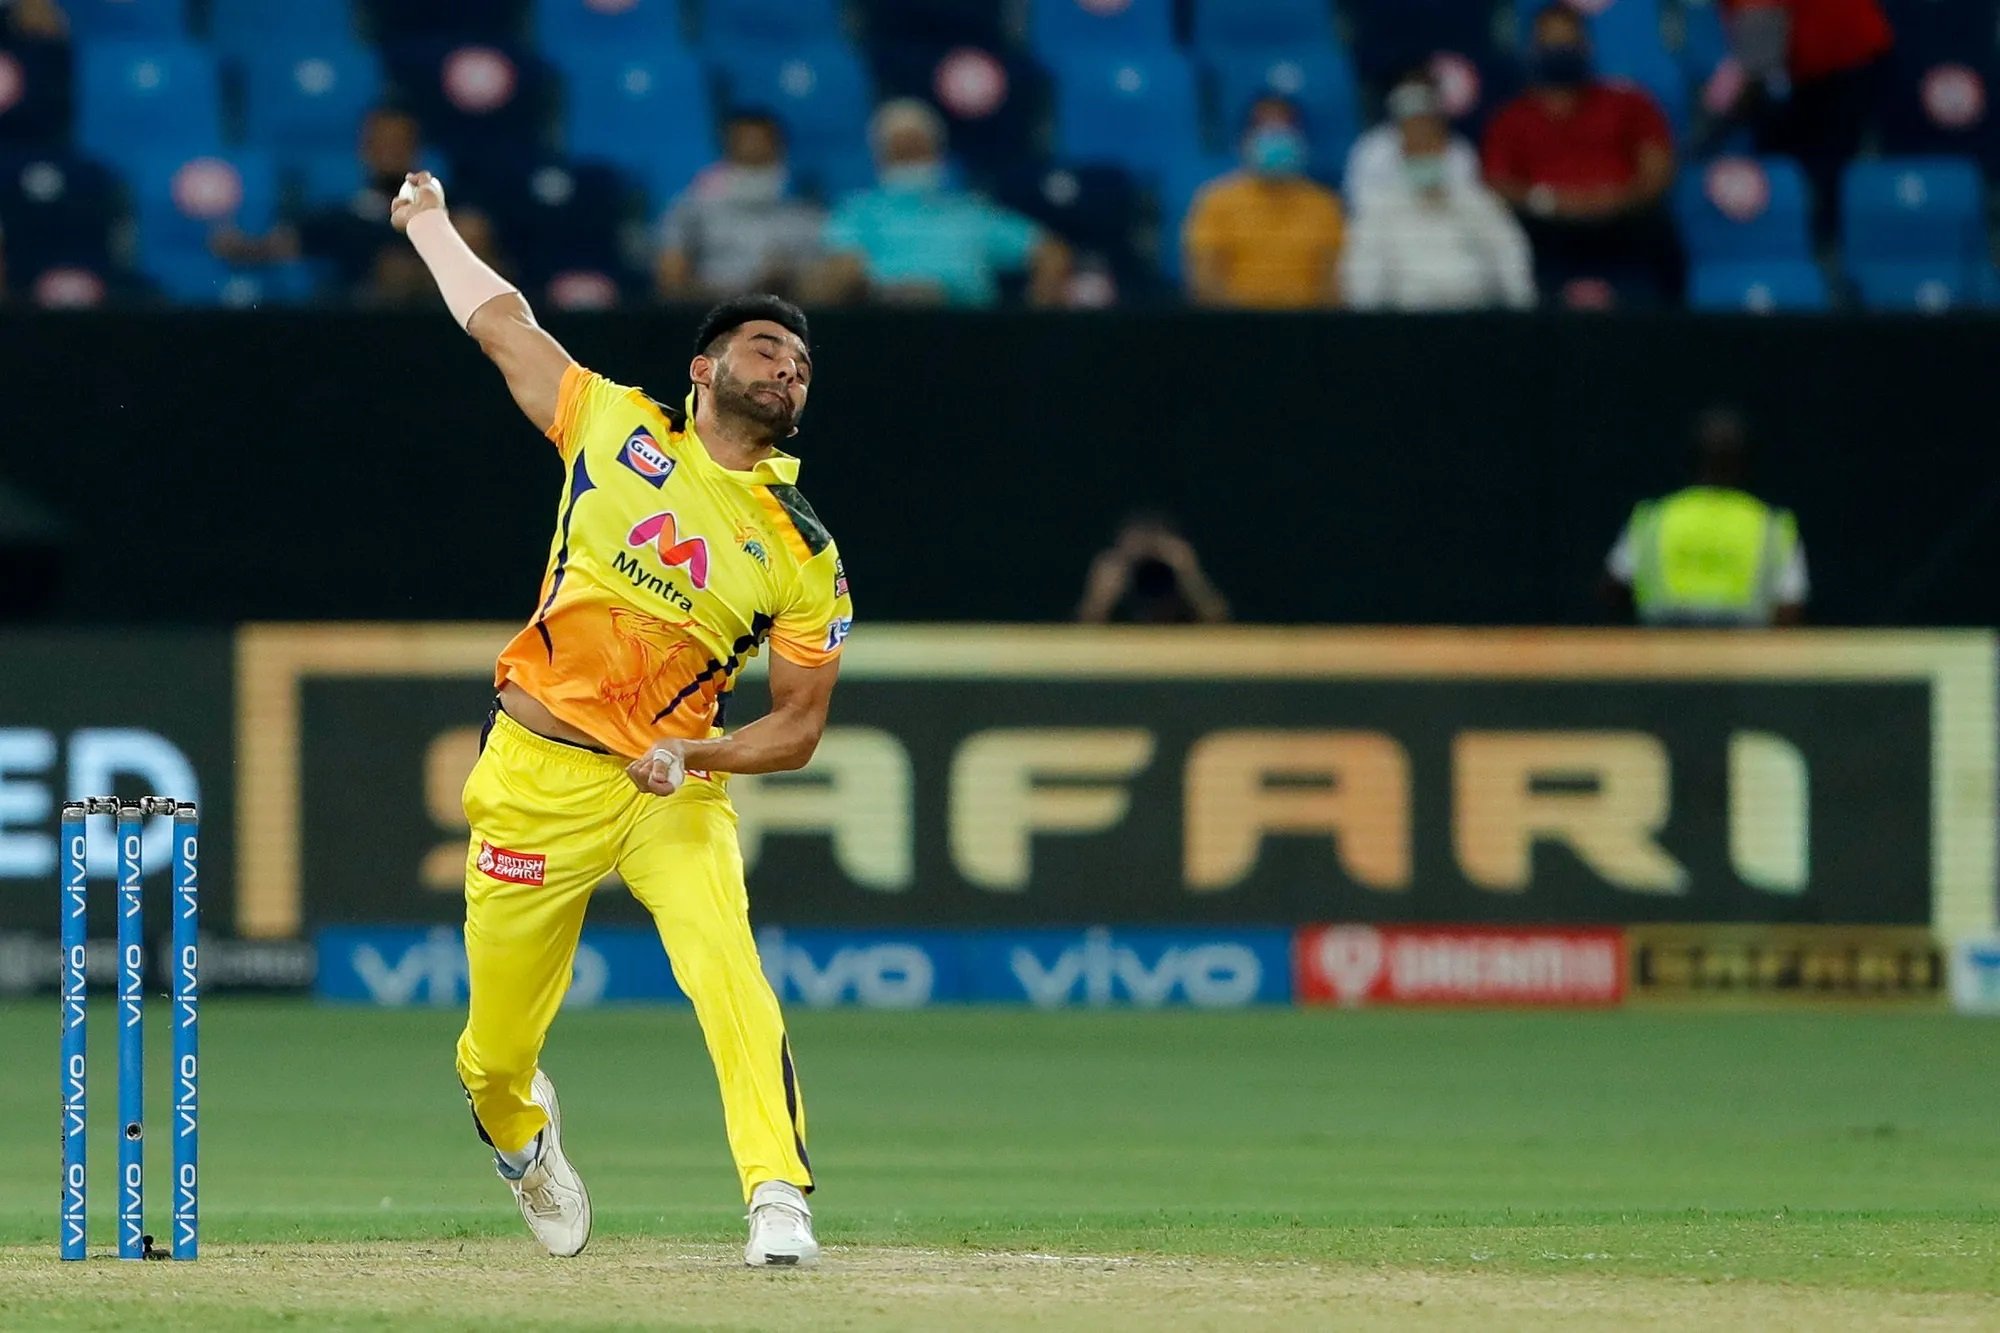 एक मैच पहले स्टेडियम में अपने प्यार का इजहार करने वाले चेन्नई के फास्ट बॉलर दीपक चाहर के लिए ये मैच अच्छा नहीं रहा। धोनी ने उन पर इतना भरोसा किया कि ऑस्ट्रेलियाई गेंदबाज जॉश हेजलवुड के रहते हुए भी पहला ओवर दीपक चाहर को दिया, लेकिन वो पहली ही गेंद पर लड़खड़ा गए। इसके बाद पूरे मैच में लय में वापस नहीं आ पाए। आलम ये रहा कि उनके 1 ओवर में पृथ्वी शॉ ने चार चौके जड़ दिए। इसके बाद धोनी ने दीपक से चौथा ओवर भी नहीं कराया।